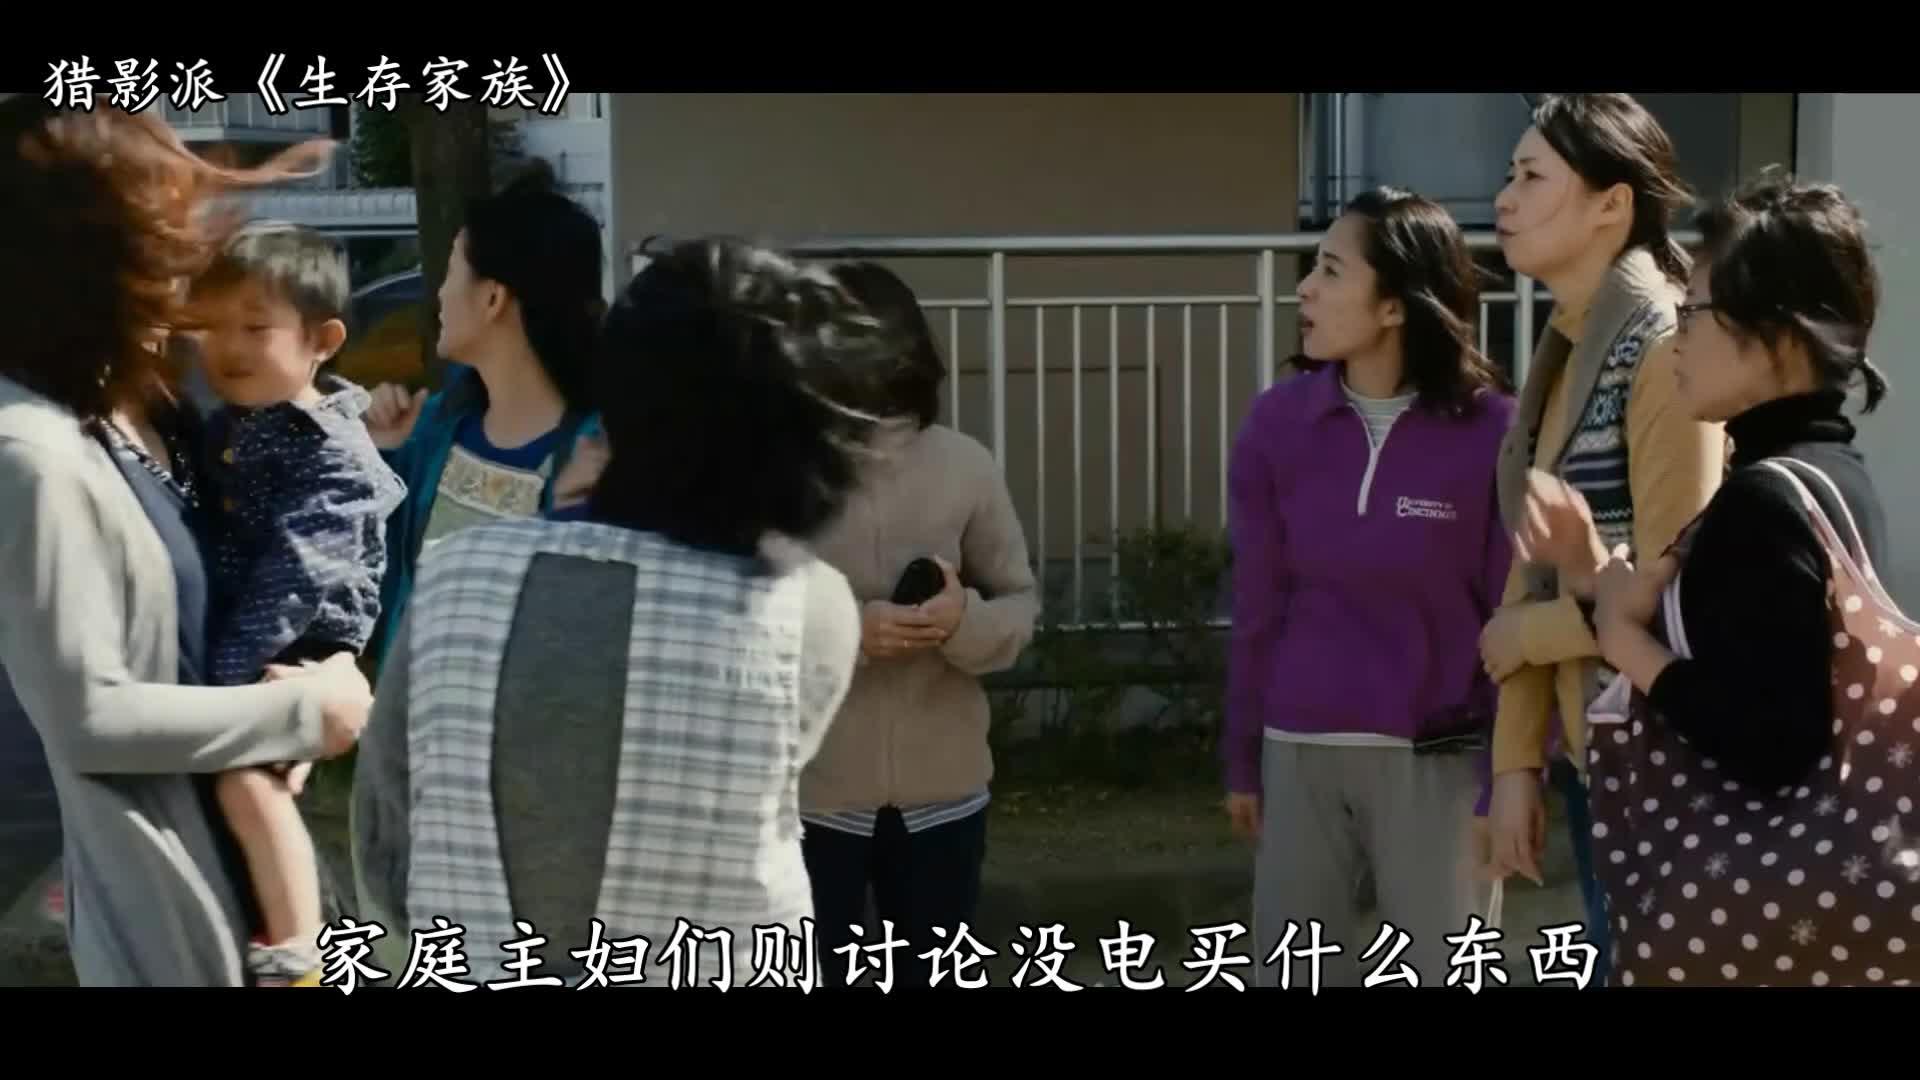 #追剧不能停#日本喜剧片《生存家族》,全国遭遇大停电,有钱也买不到吃的